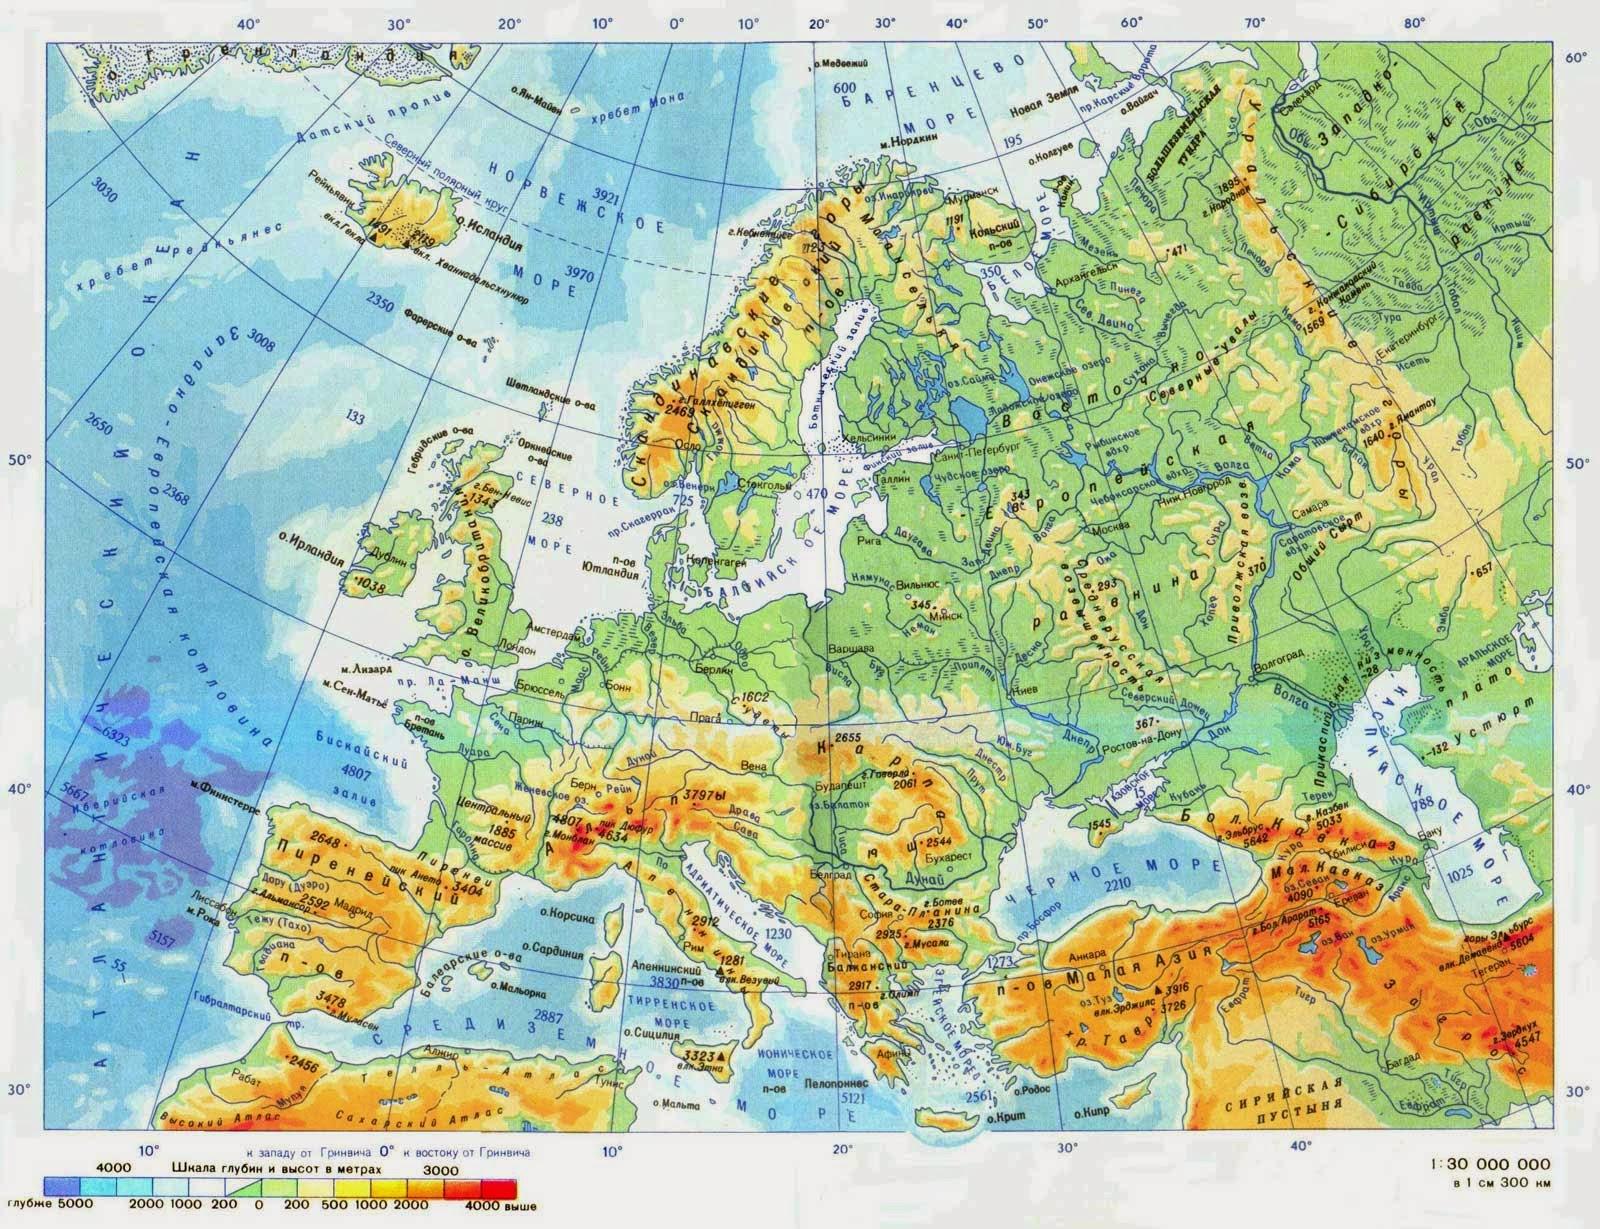 География 11 класс тетрадь гдз